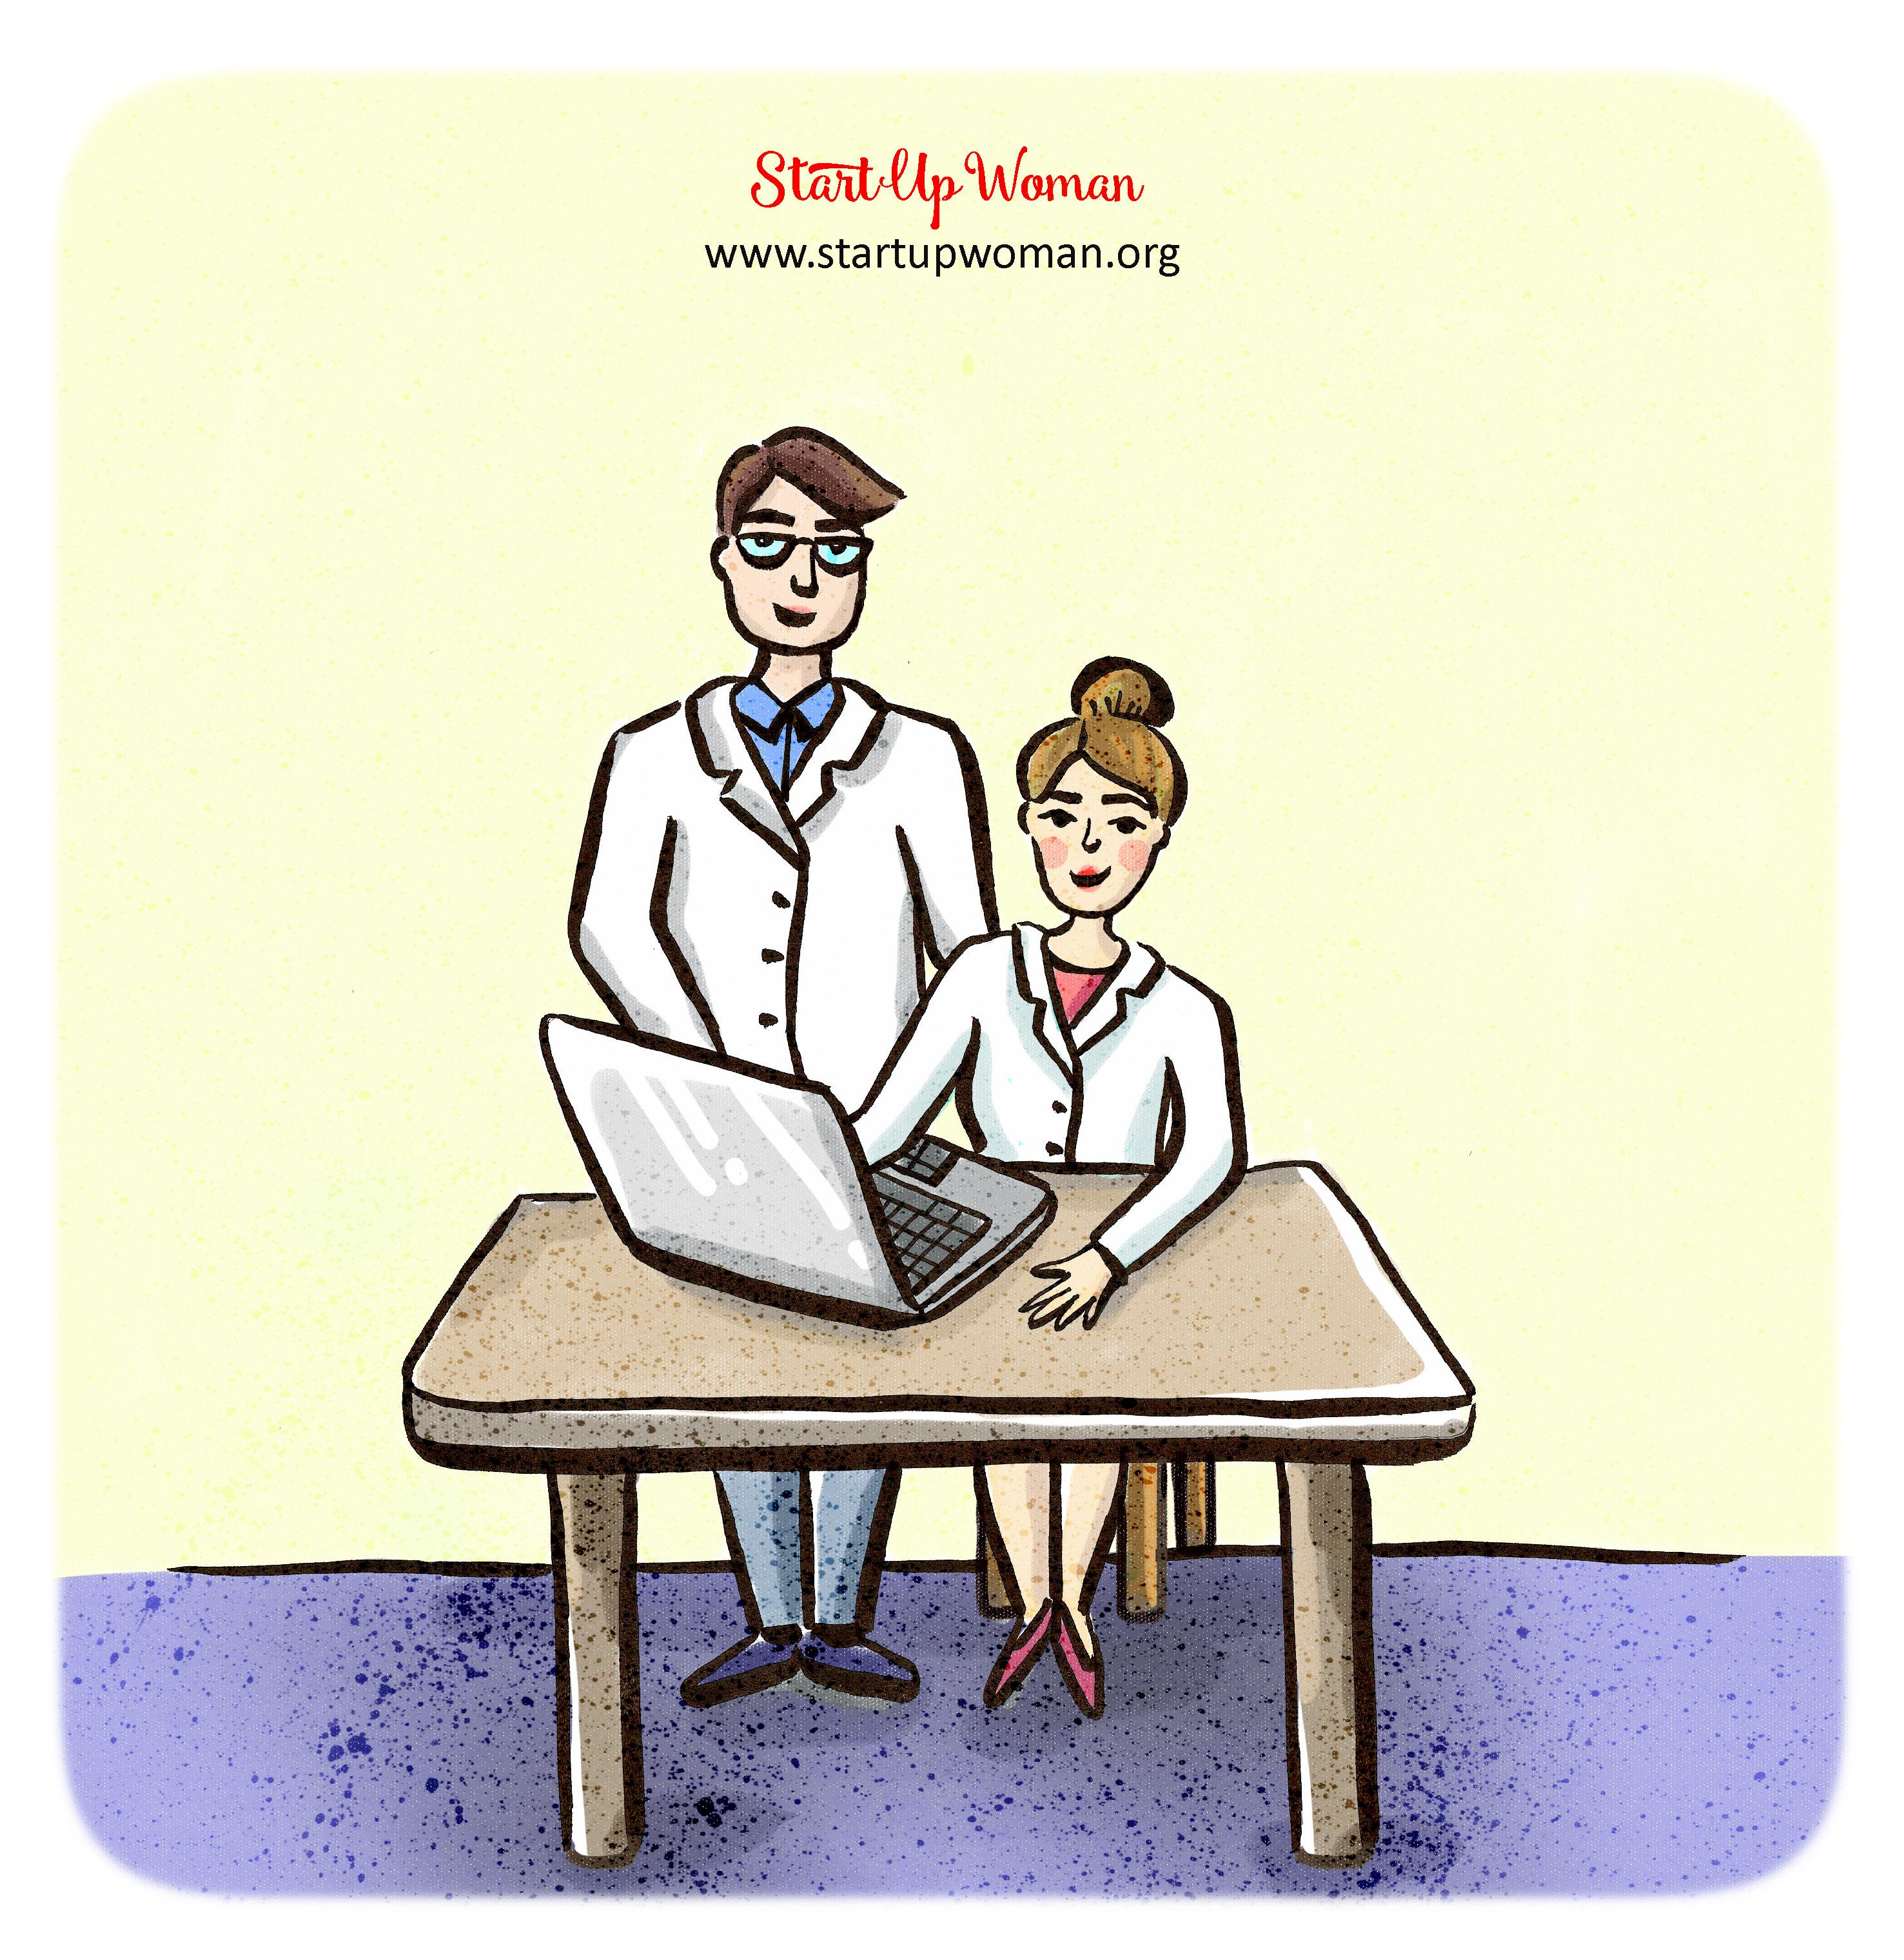 przy komputerze